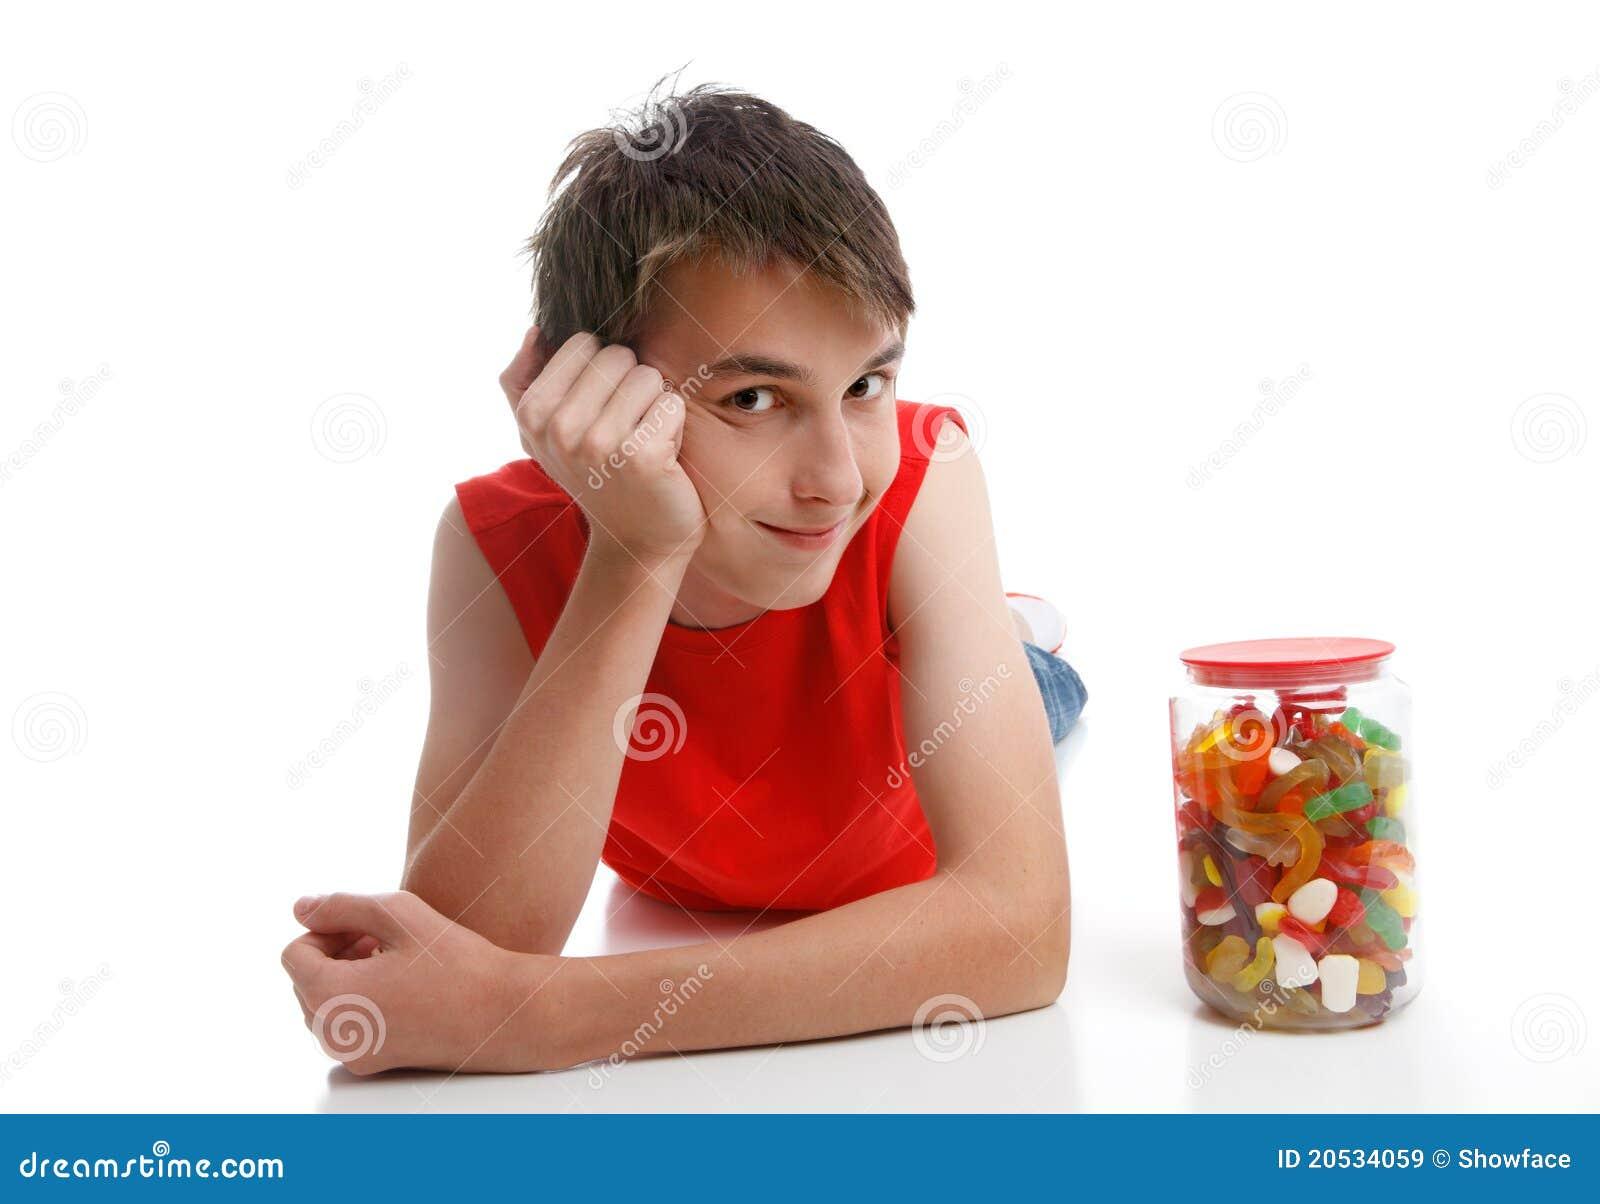 Junge neben einer Zusammenstellung von Mischsüßigkeiten